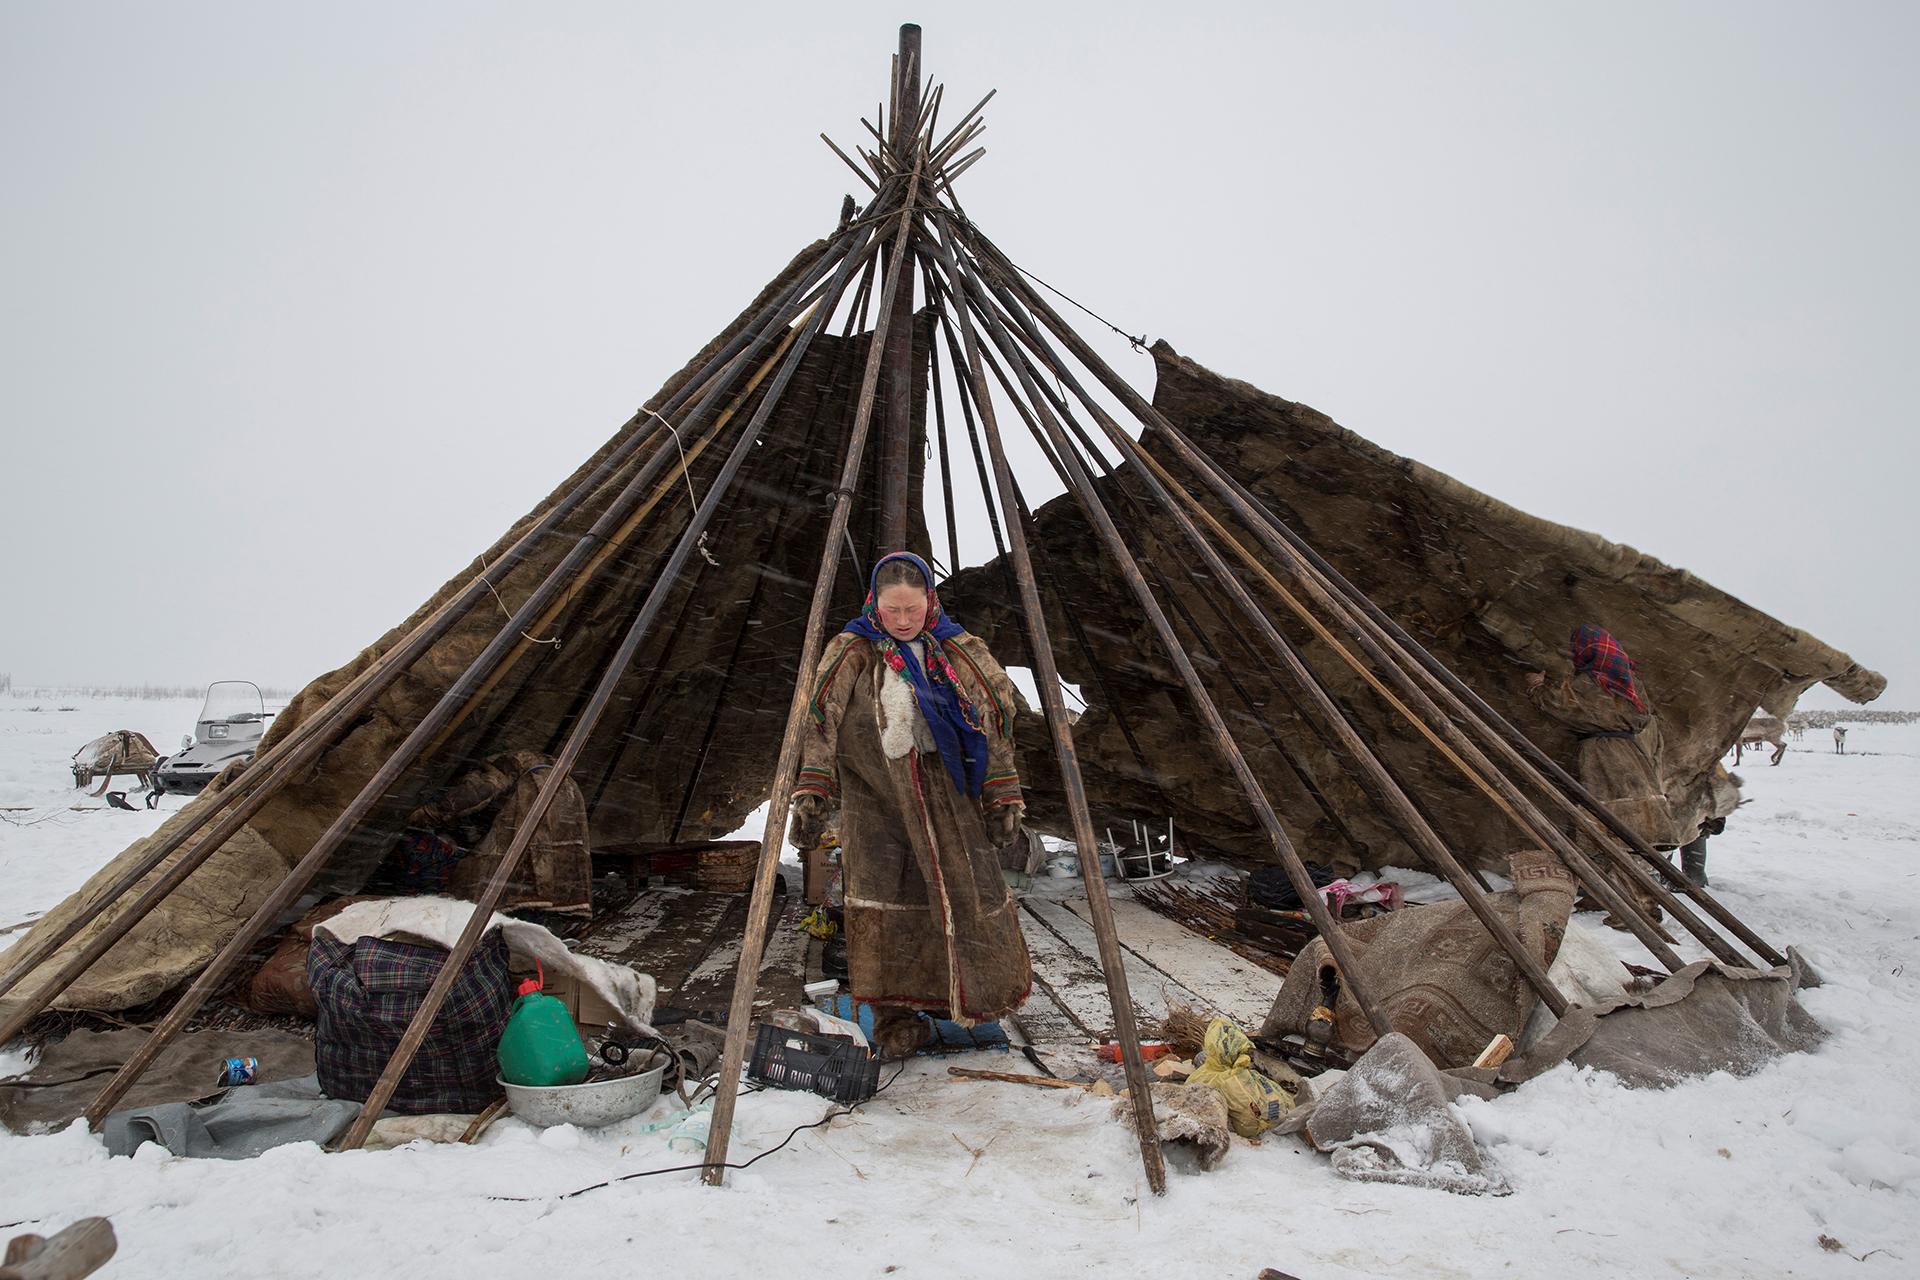 Mujeres de la tribu nómade de Nenets, en el ártico ruso. Evgenia Arbugaeva